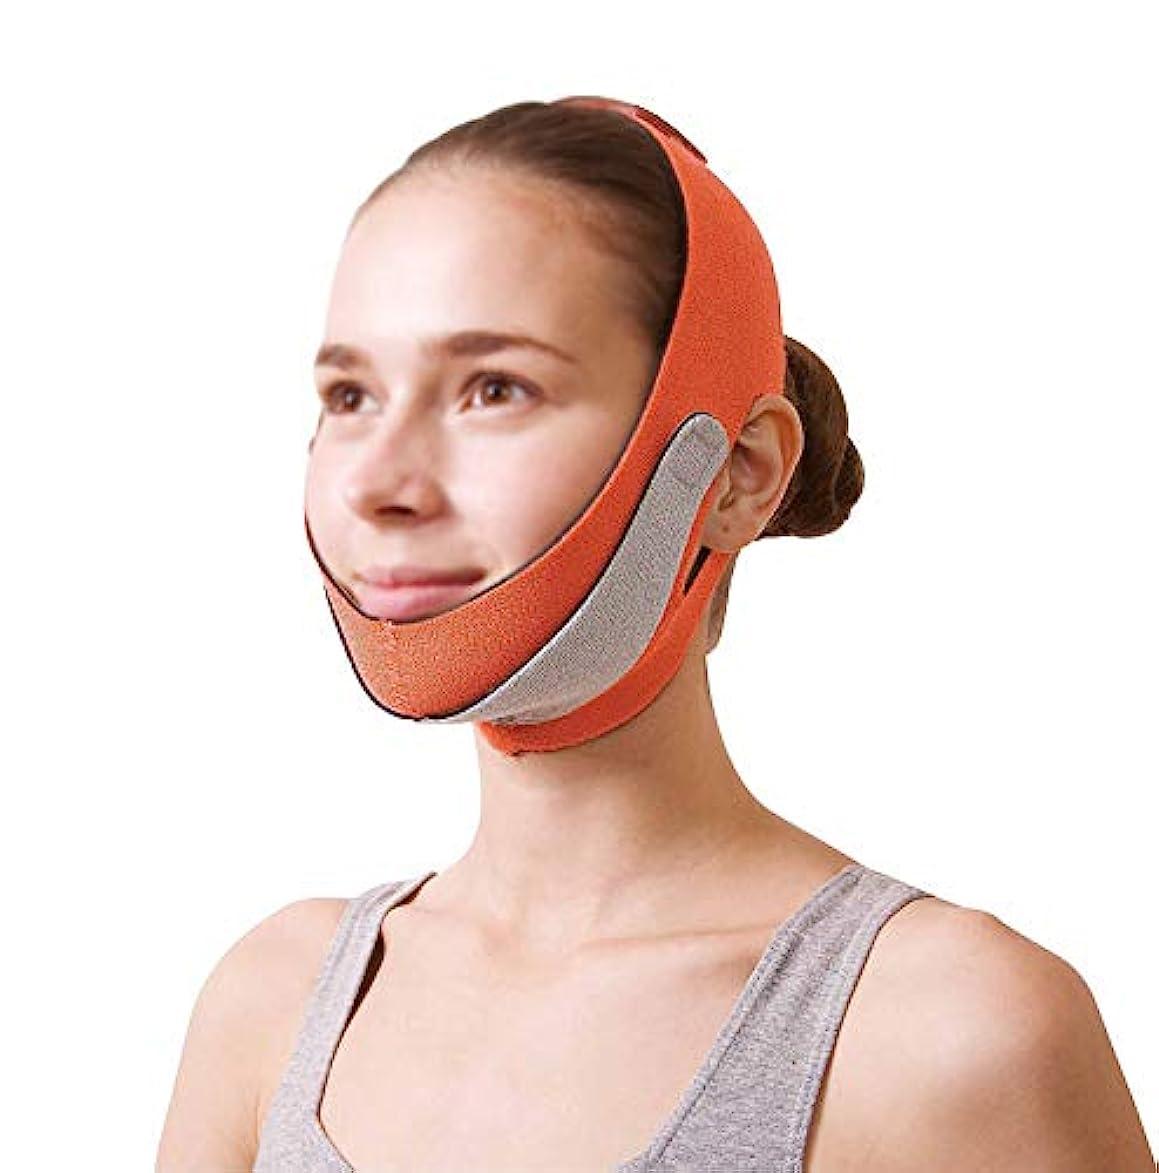 体系的に成功する承認するフェイスリフトマスク、あごストラップ回復ポスト包帯ヘッドギアフェイスマスクフェイス薄いフェイスマスクアーチファクト美容フェイスとネックリフトオレンジマスク